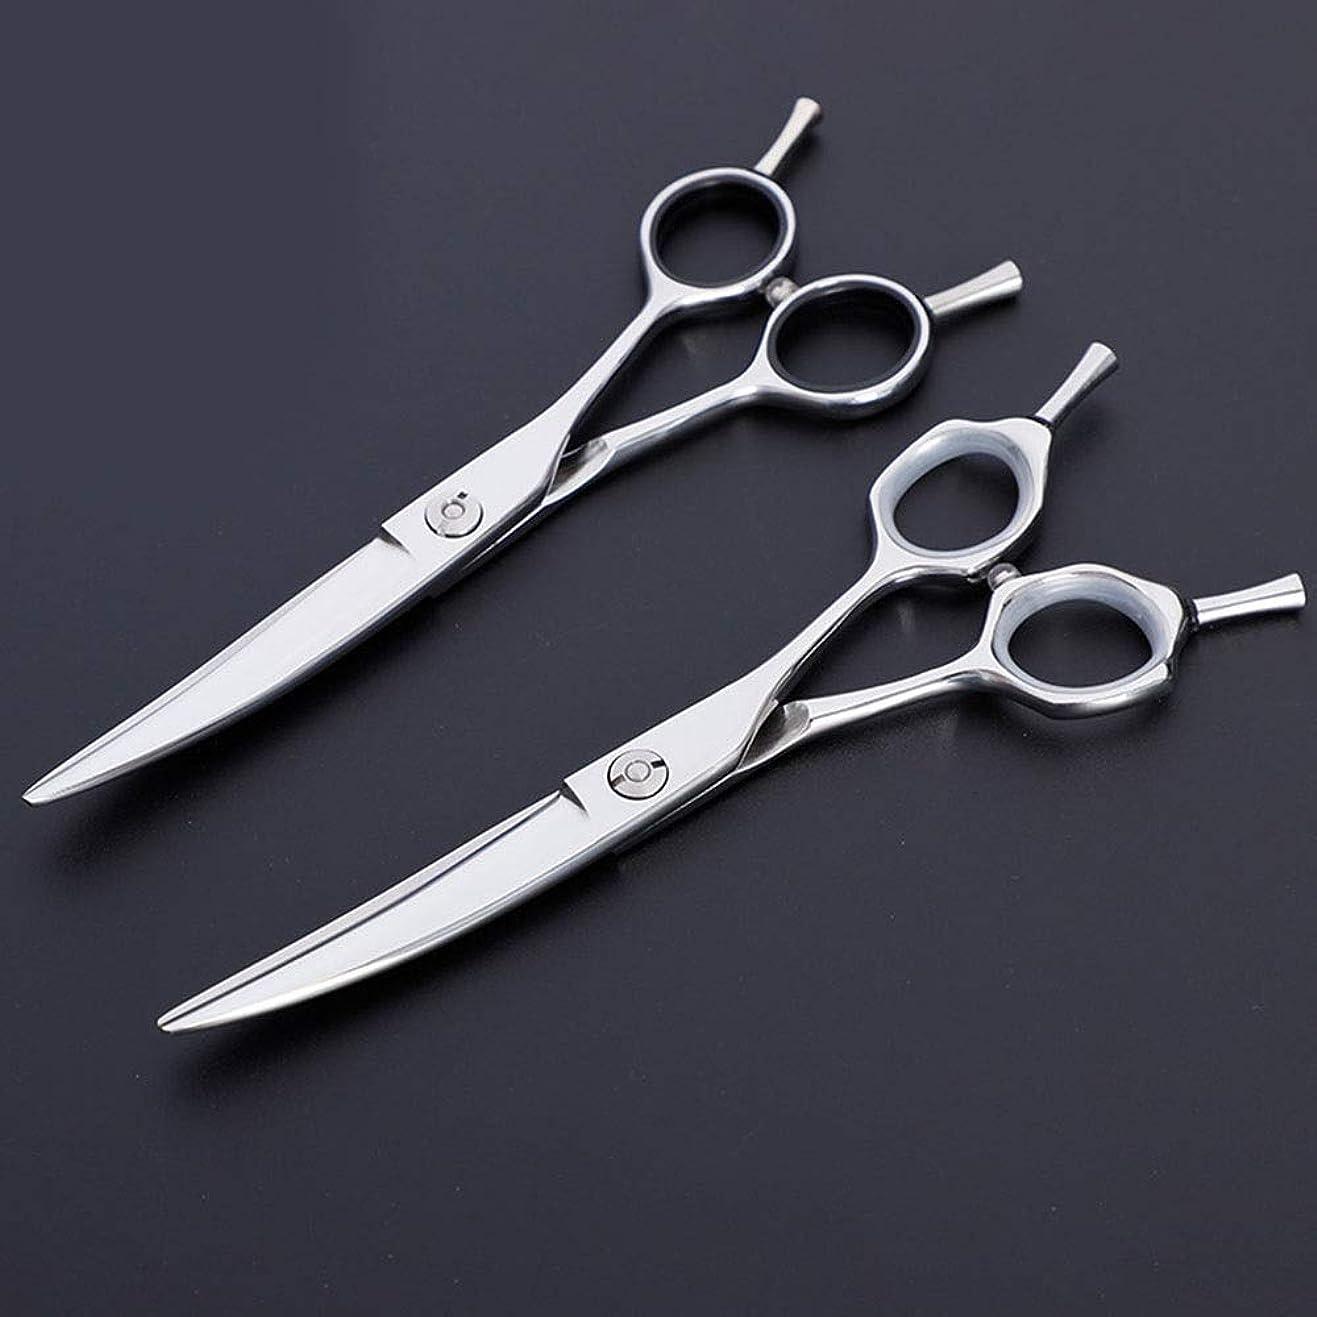 米国ありそう疎外理髪用はさみ 6インチプロフェッショナル理髪はさみ、ペット用はさみ、トリミングはさみヘアカットはさみステンレス理髪はさみ (色 : Silver)